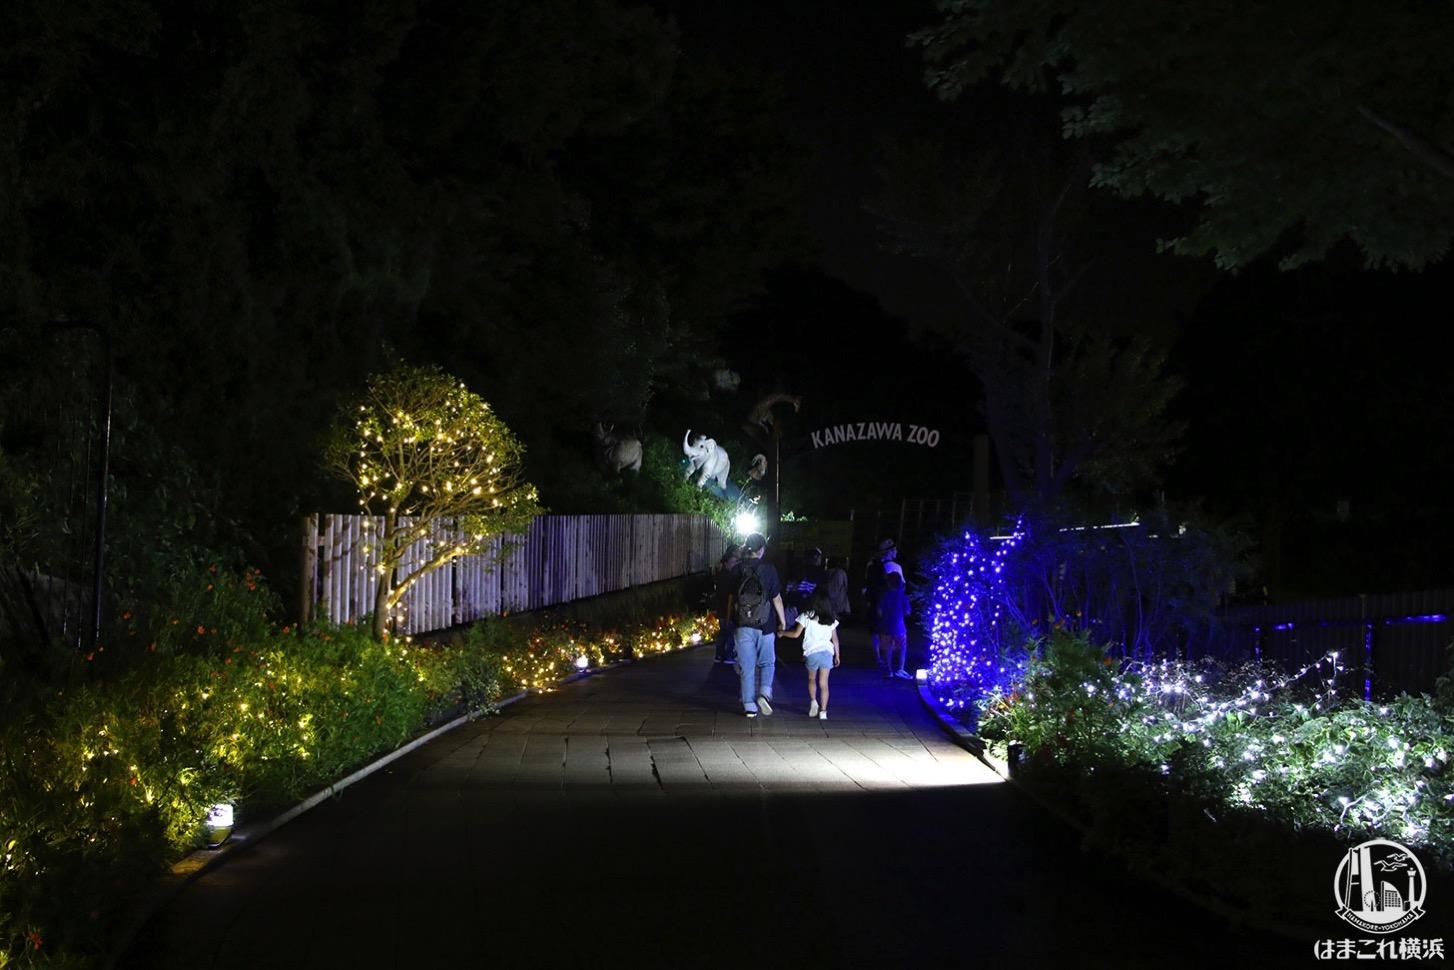 金沢動物園 夜の帰り道